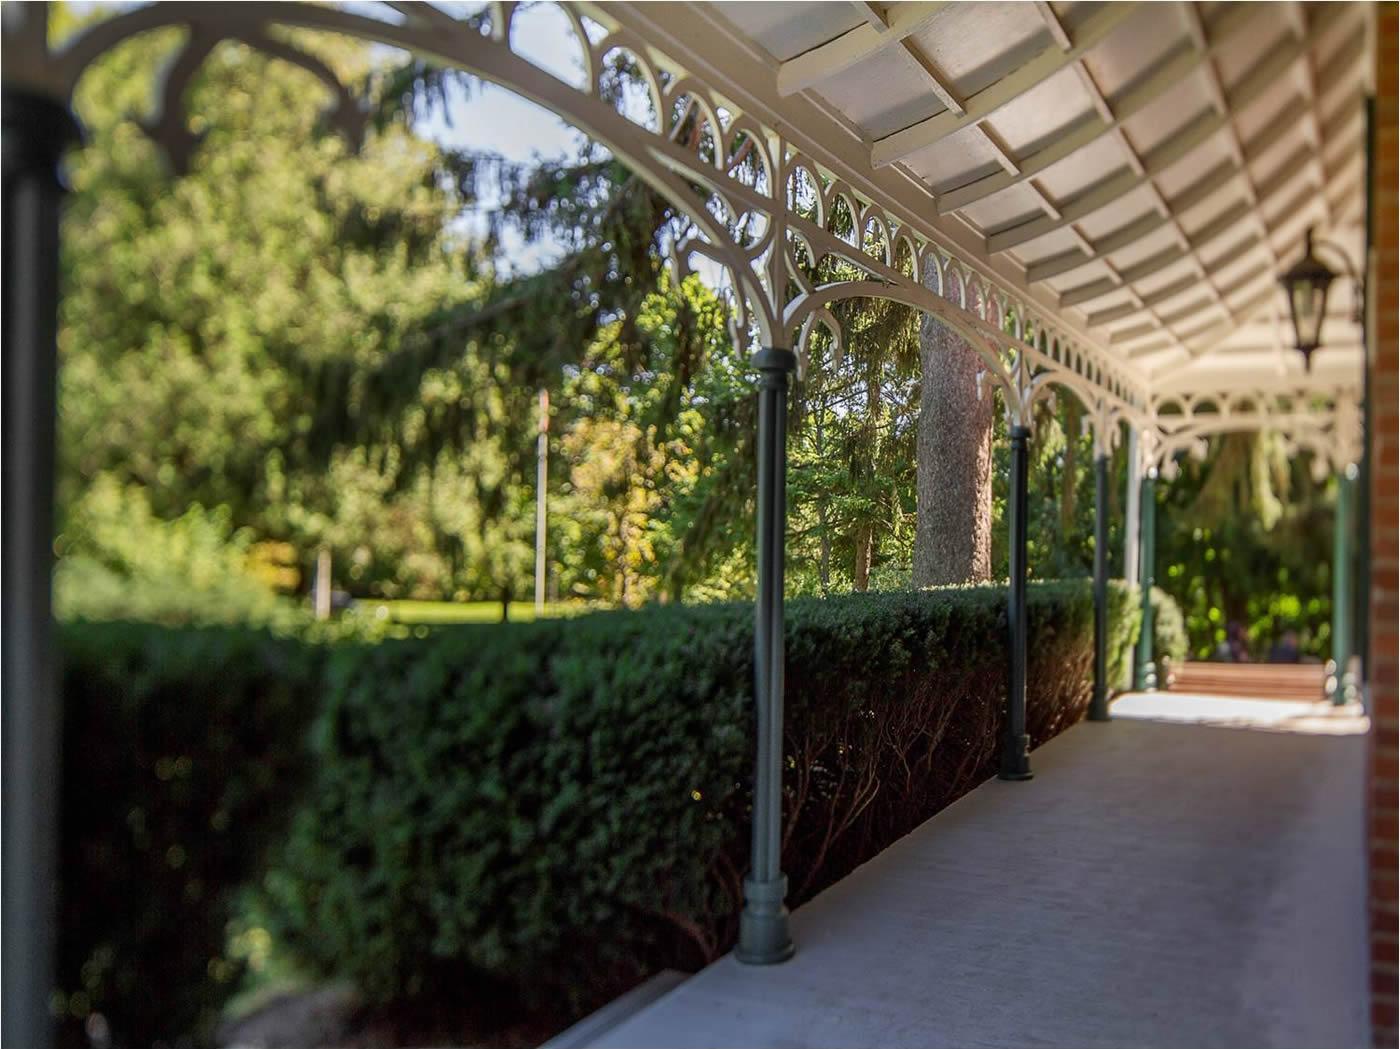 Sullivan Centre veranda